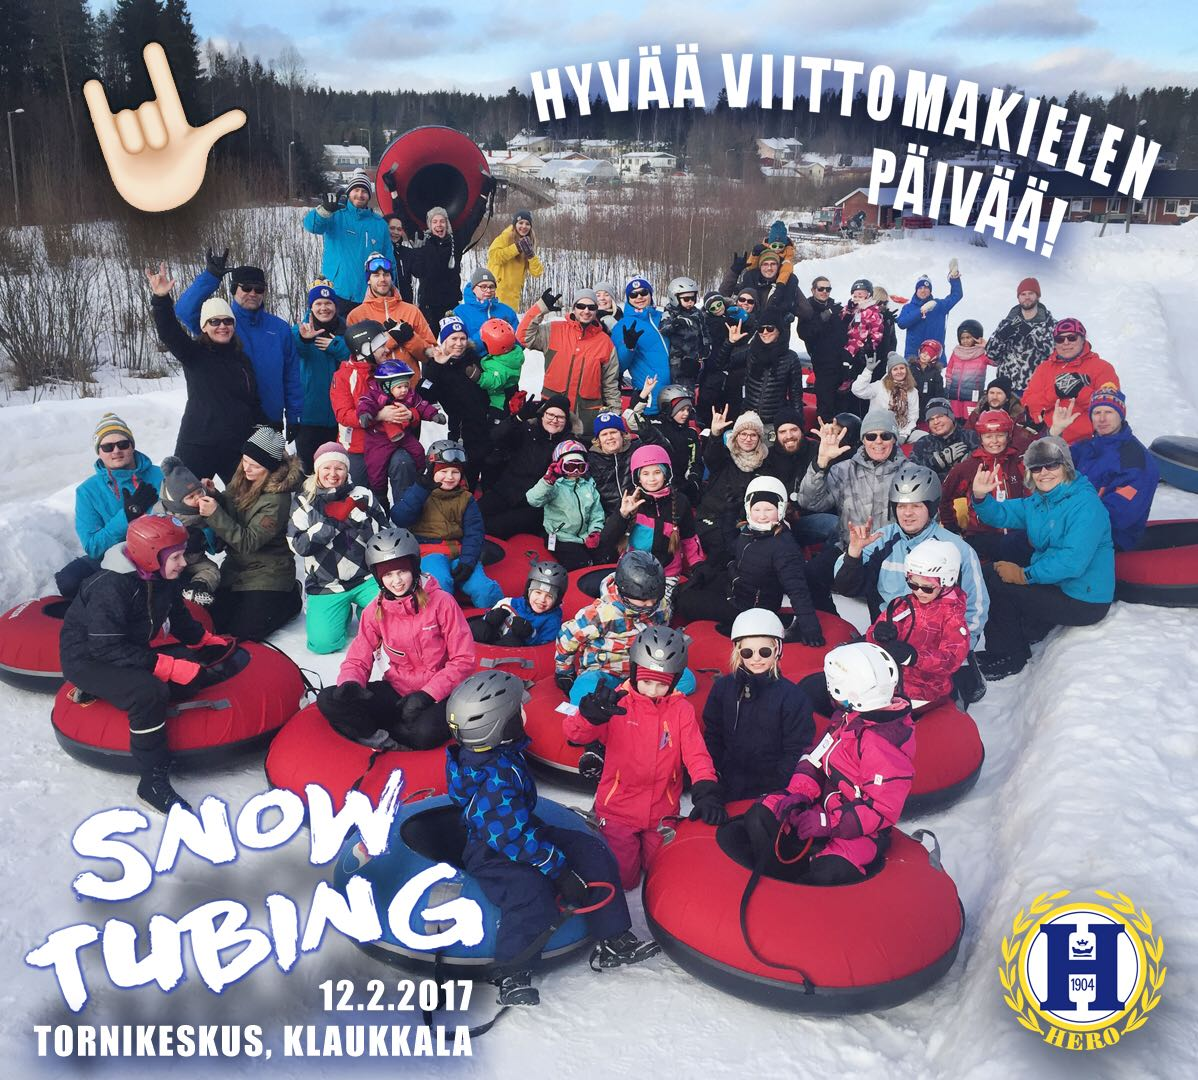 SNOWTUBING 12.2.2017